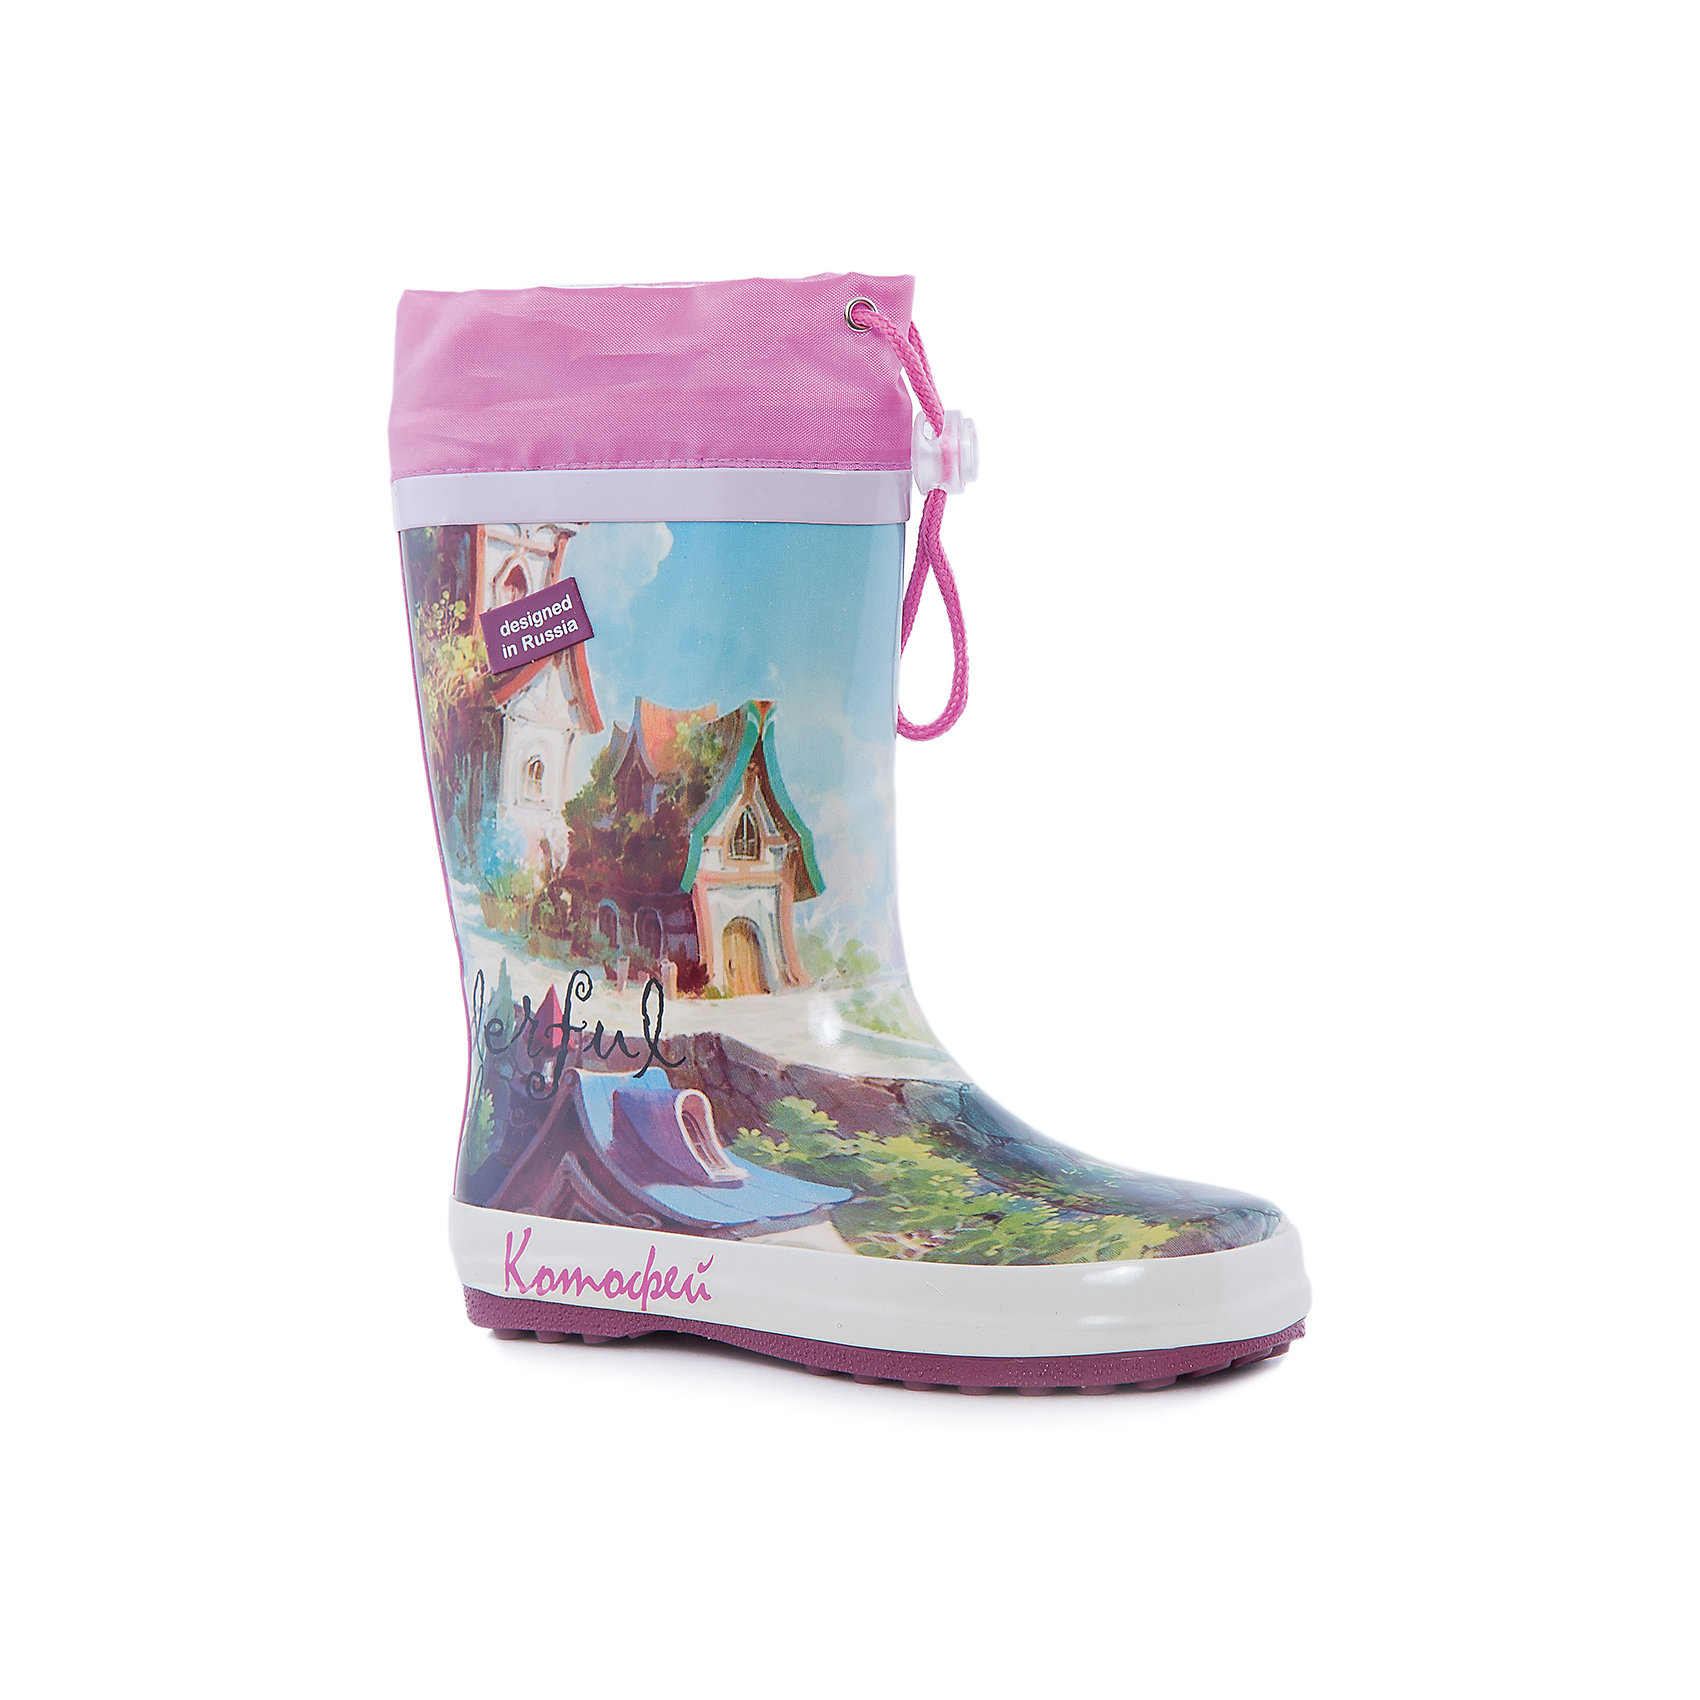 Сапоги для девочки КотофейКотофей – качественная и стильная детская обувь по доступным ценам. С каждым днем популярность бренда растет.  Резиновые сапожки – незаменимая вещь для осенней погоды. Теперь малышка может изучать лужи без риска промочить ножки и простудиться. На сапожках выполнен сказочный принт, который полюбится всем модницам. Нежные цвета сочетаются с любой одеждой, что позволяет создать множество стильных образов.<br><br>Дополнительная информация:<br><br>цвет: цветной;<br>вид крепления: горячая вулканизация;<br>застежка: шнур с фиксатором;<br>температурный режим: от 0° С до +15° С.<br><br>Состав:<br>материал верха  – резина;<br>материал подклада  - текстиль;<br>подошва - плотная резина.<br><br>Резиновые сапоги для девочек дошкольного и школьного возраста от фирмы  Котофей можно приобрести в нашем магазине.<br><br>Ширина мм: 257<br>Глубина мм: 180<br>Высота мм: 130<br>Вес г: 420<br>Цвет: разноцветный<br>Возраст от месяцев: 84<br>Возраст до месяцев: 96<br>Пол: Женский<br>Возраст: Детский<br>Размер: 31,32,30,35,34,33<br>SKU: 4982099